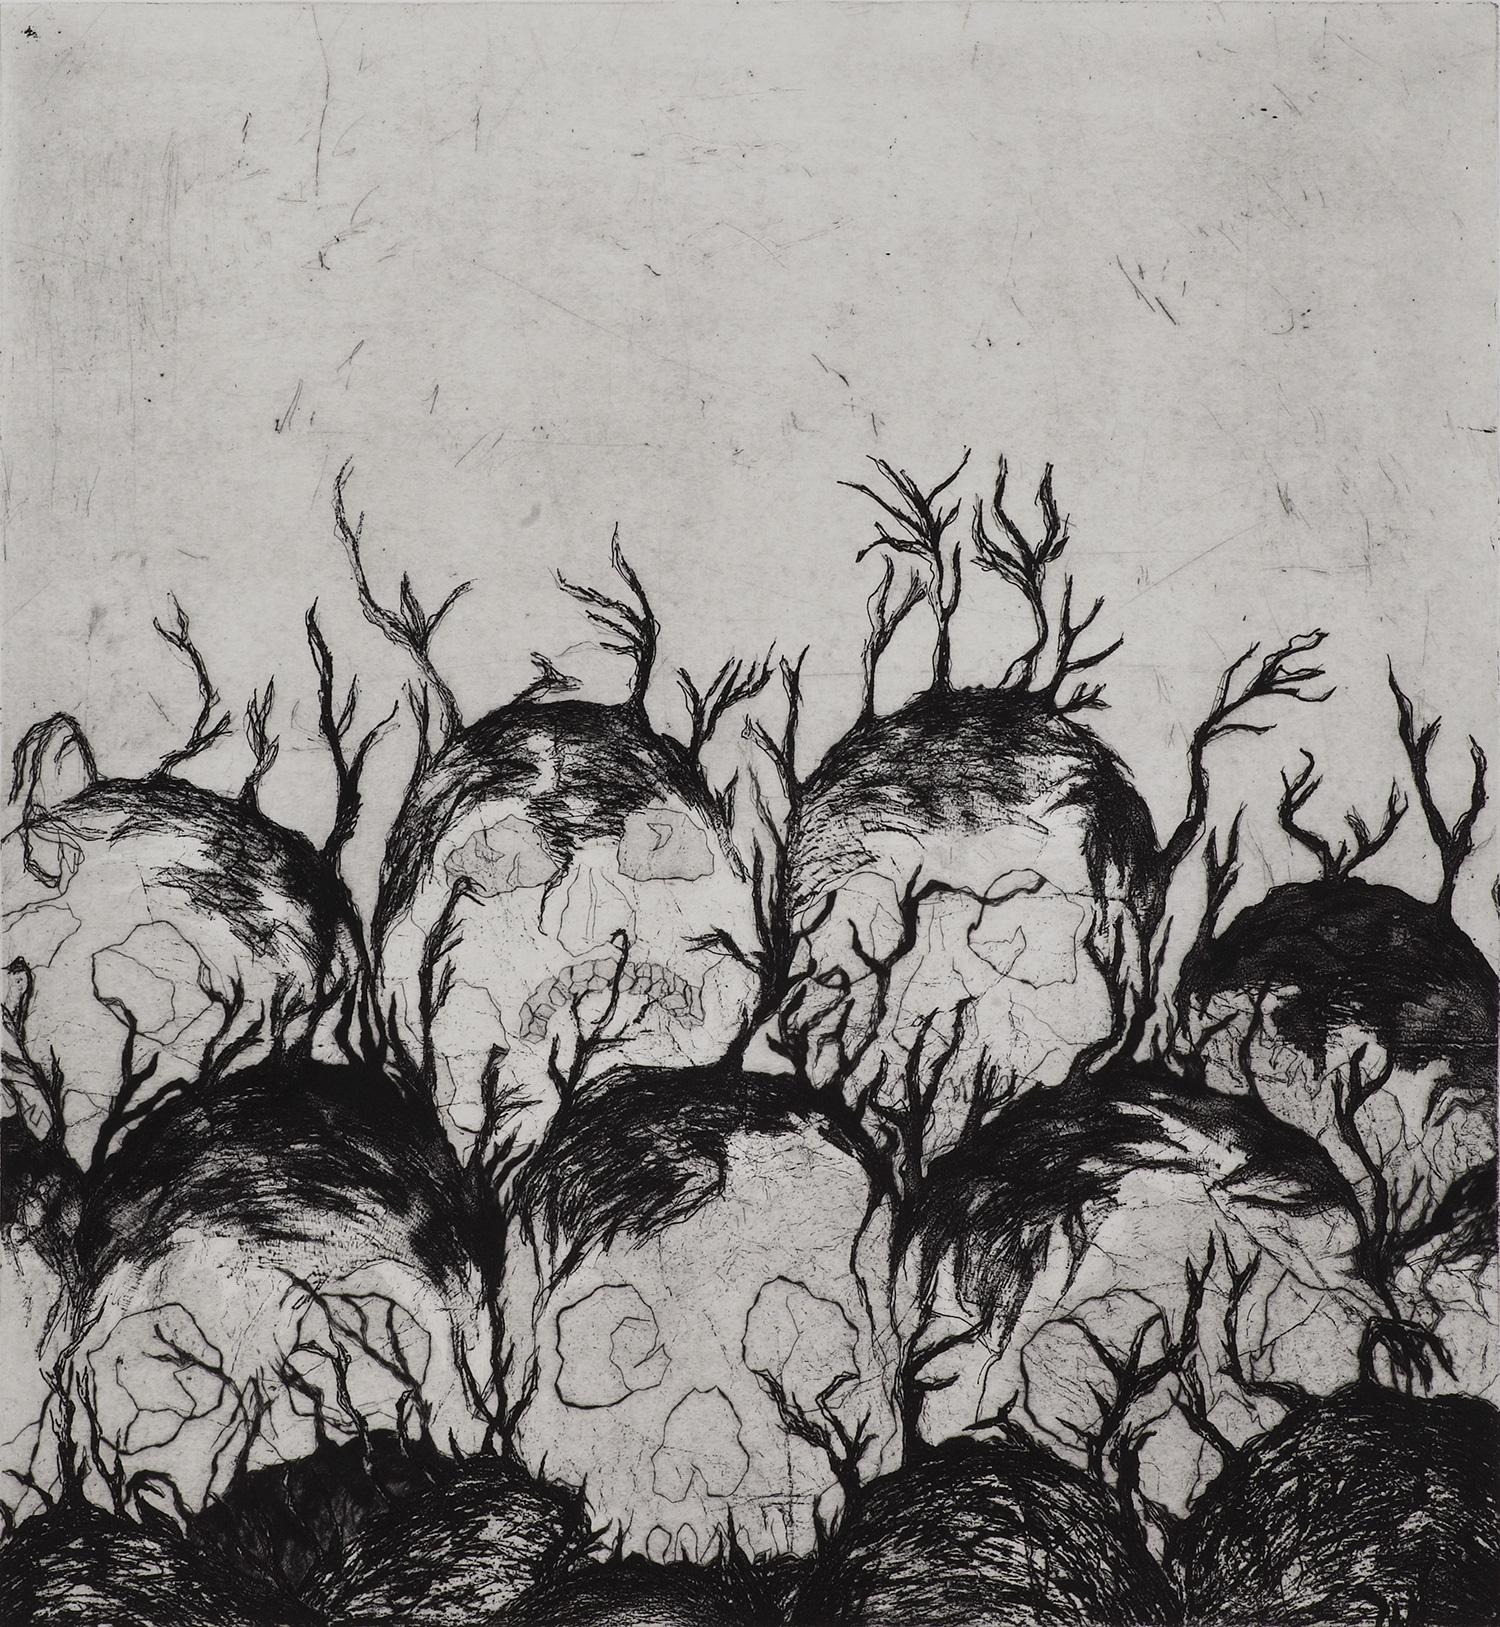 <i>Résistants aux intempéries</i>, 2010, 70x70cm